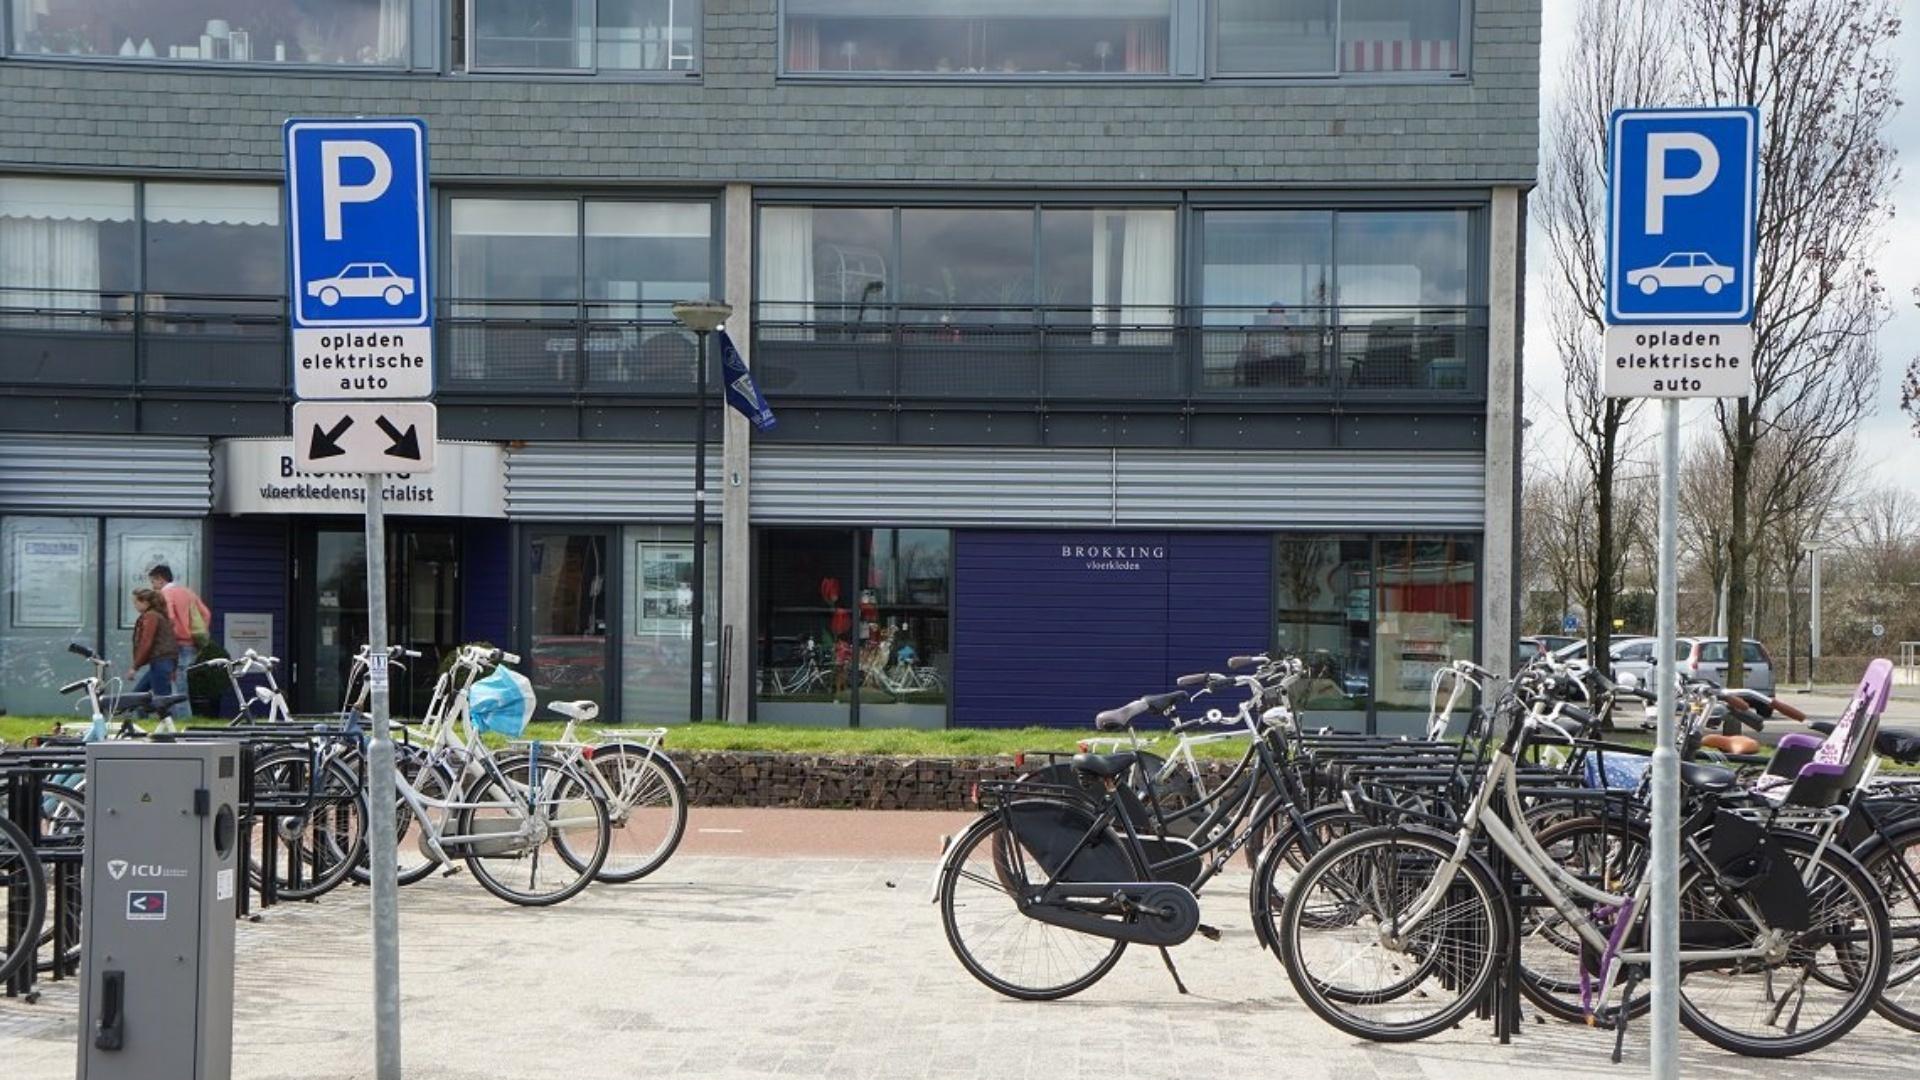 Oplaadpunt elektrische auto's Podium IJsselstein